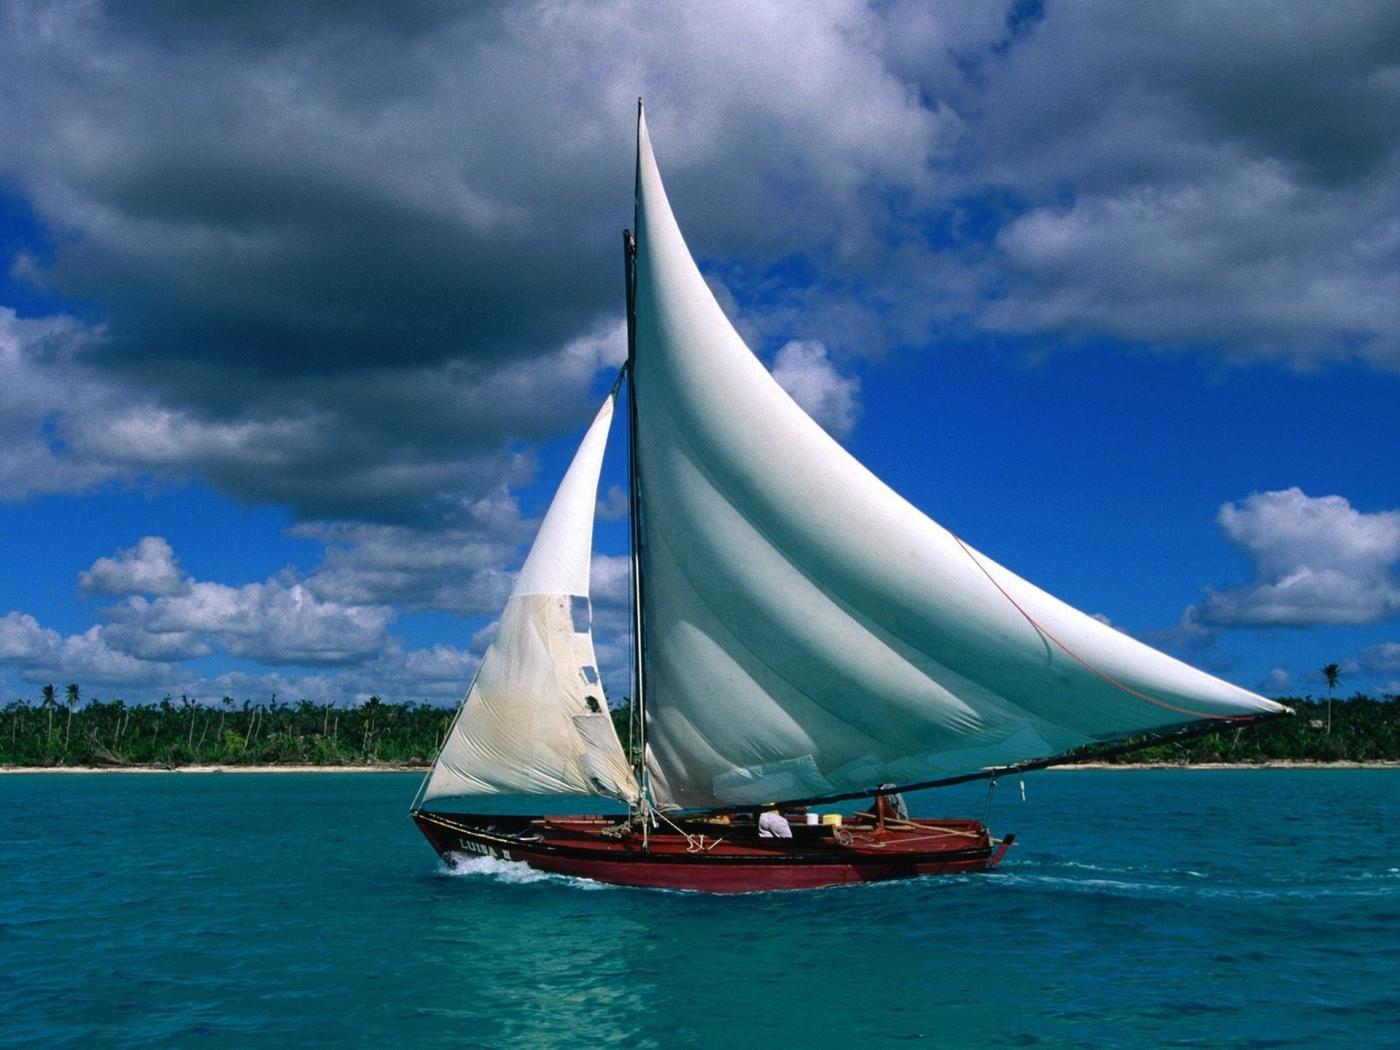 28464 Заставки и Обои Яхты на телефон. Скачать Транспорт, Пейзаж, Море, Яхты картинки бесплатно